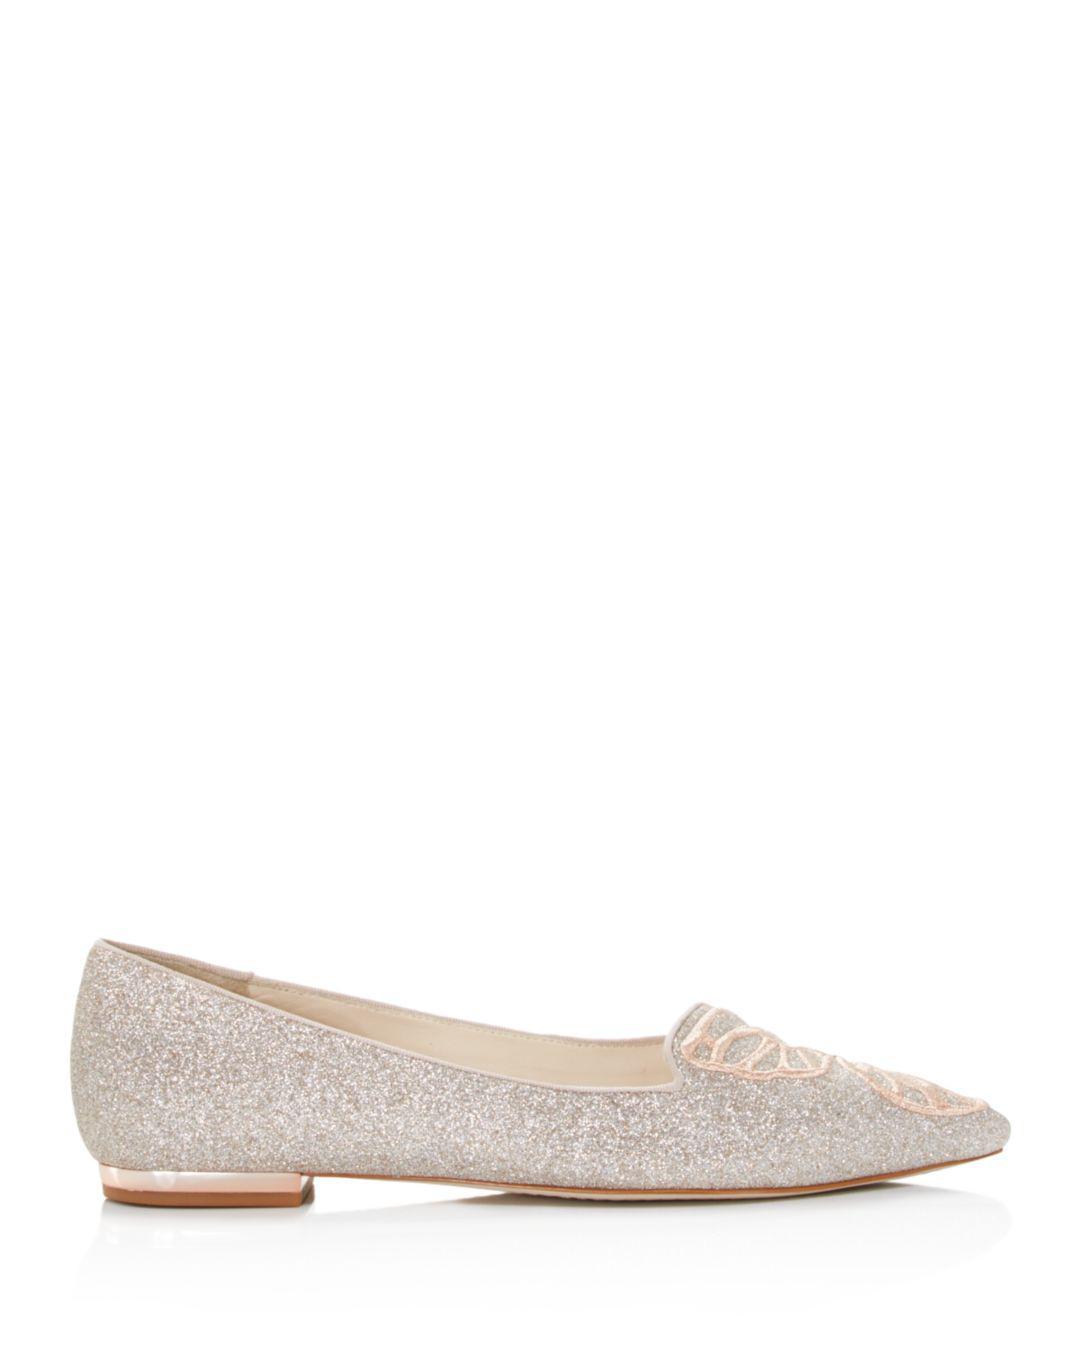 3ecd337cff56 Lyst - Sophia Webster Women s Bibi Butterfly Pointed Toe Leather Flats